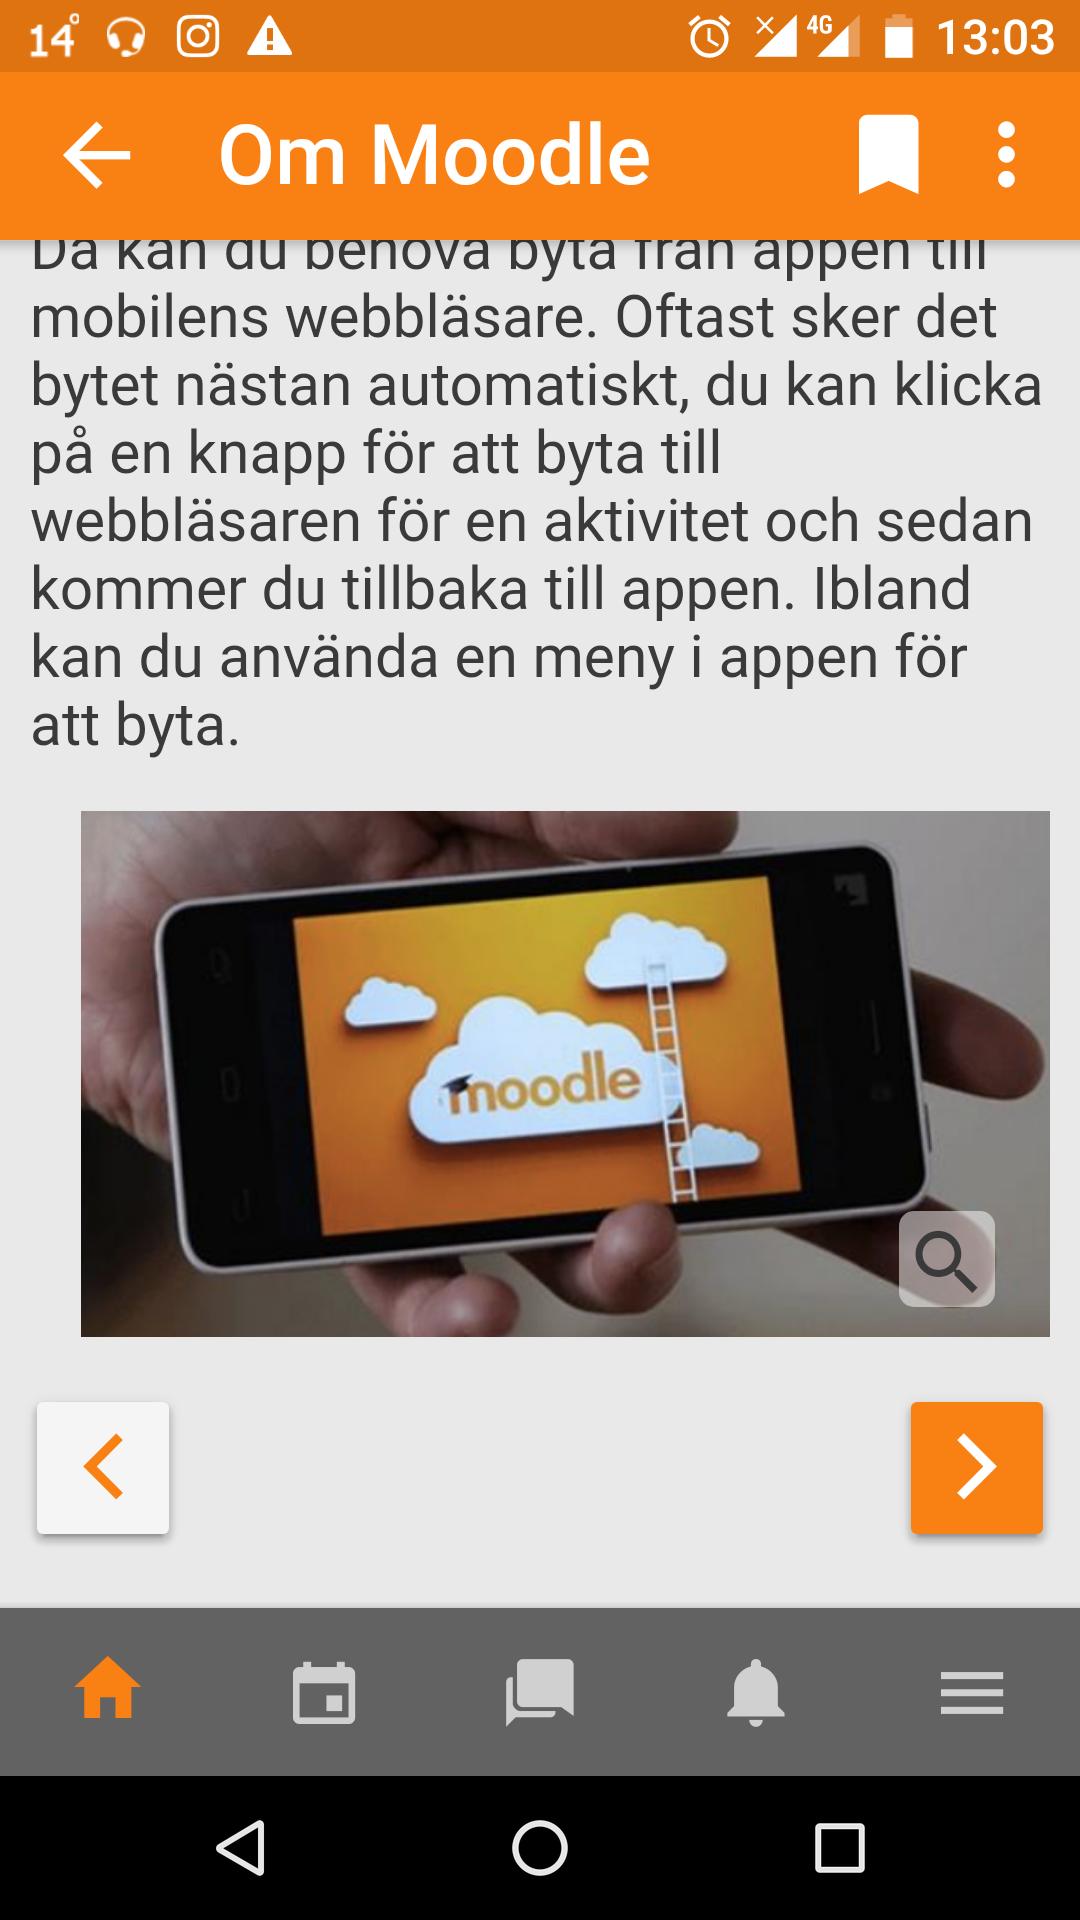 Moodleapp